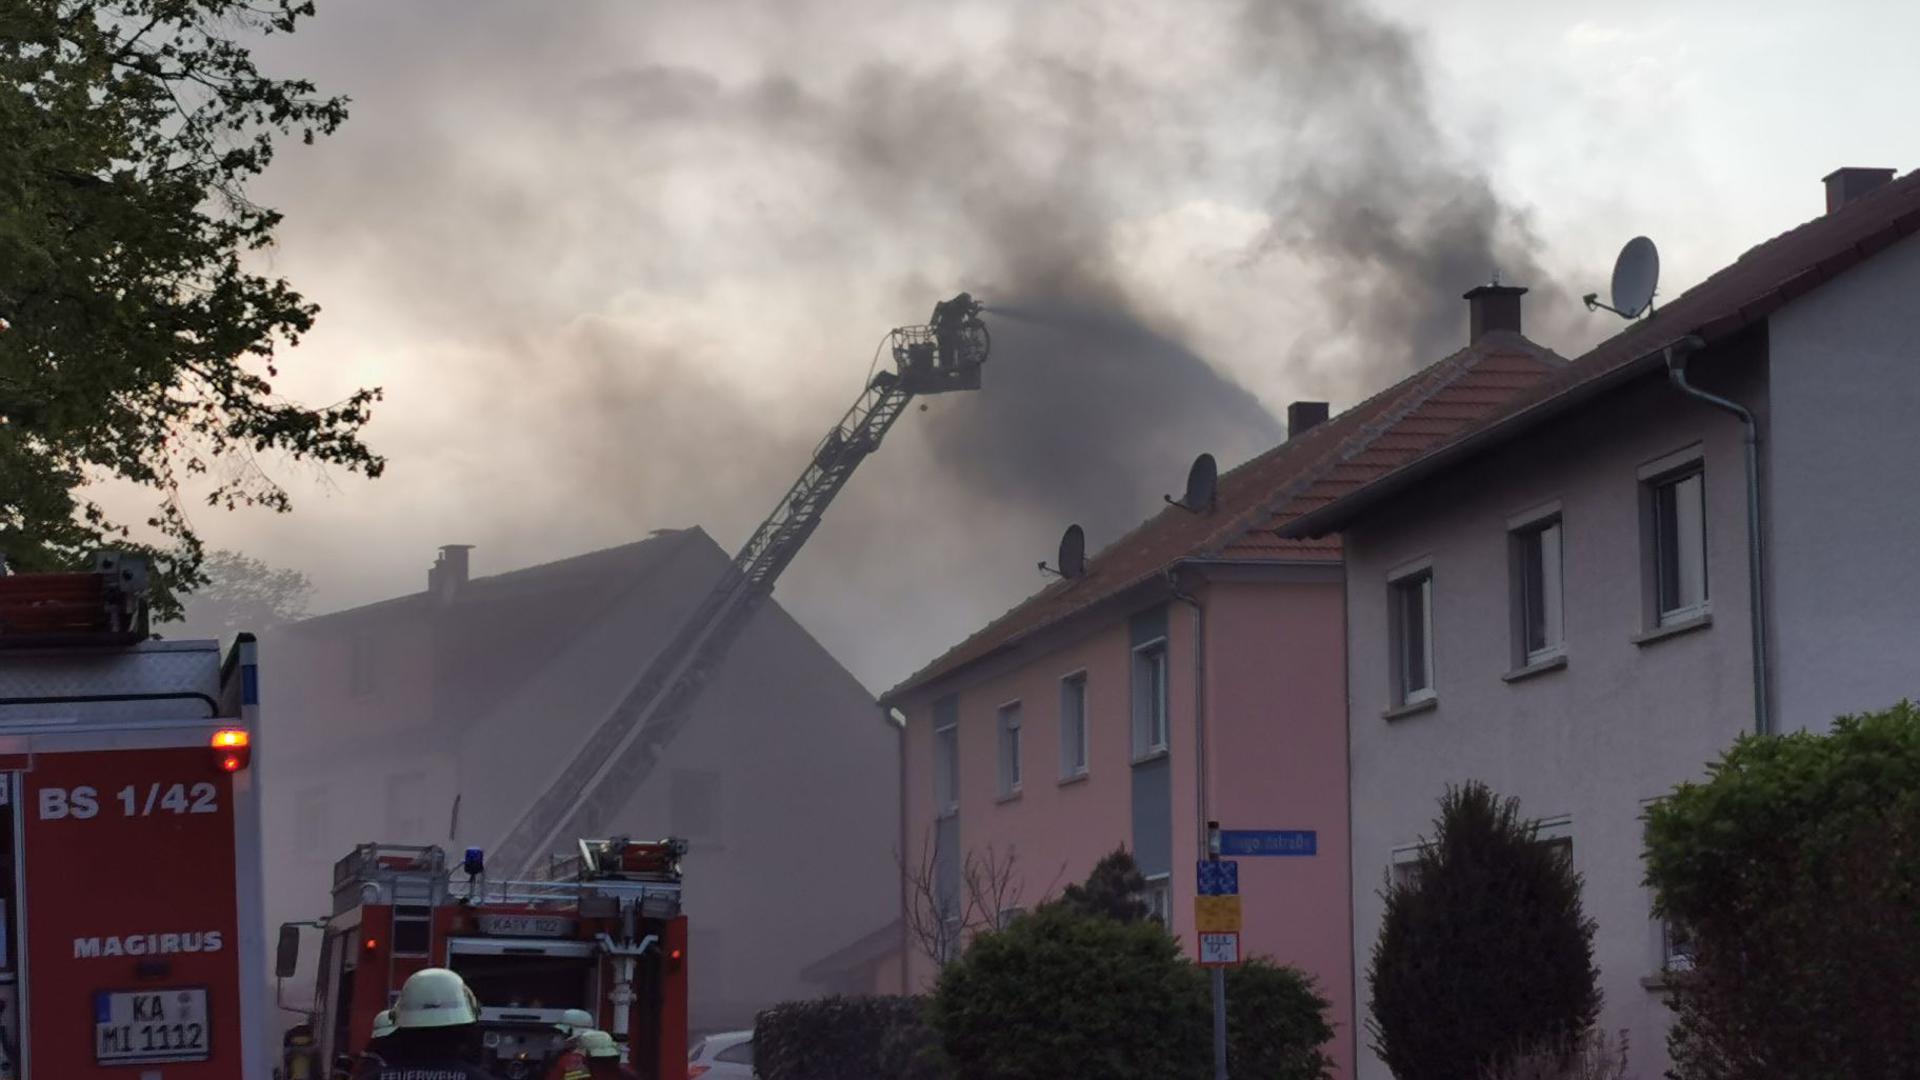 Stundenlanger Einsatz: Den Flammen ist ein Wohnhaus im Bad Schönborner Ortsteil Langenbrücken am Sonntag zum Opfer gefallen.